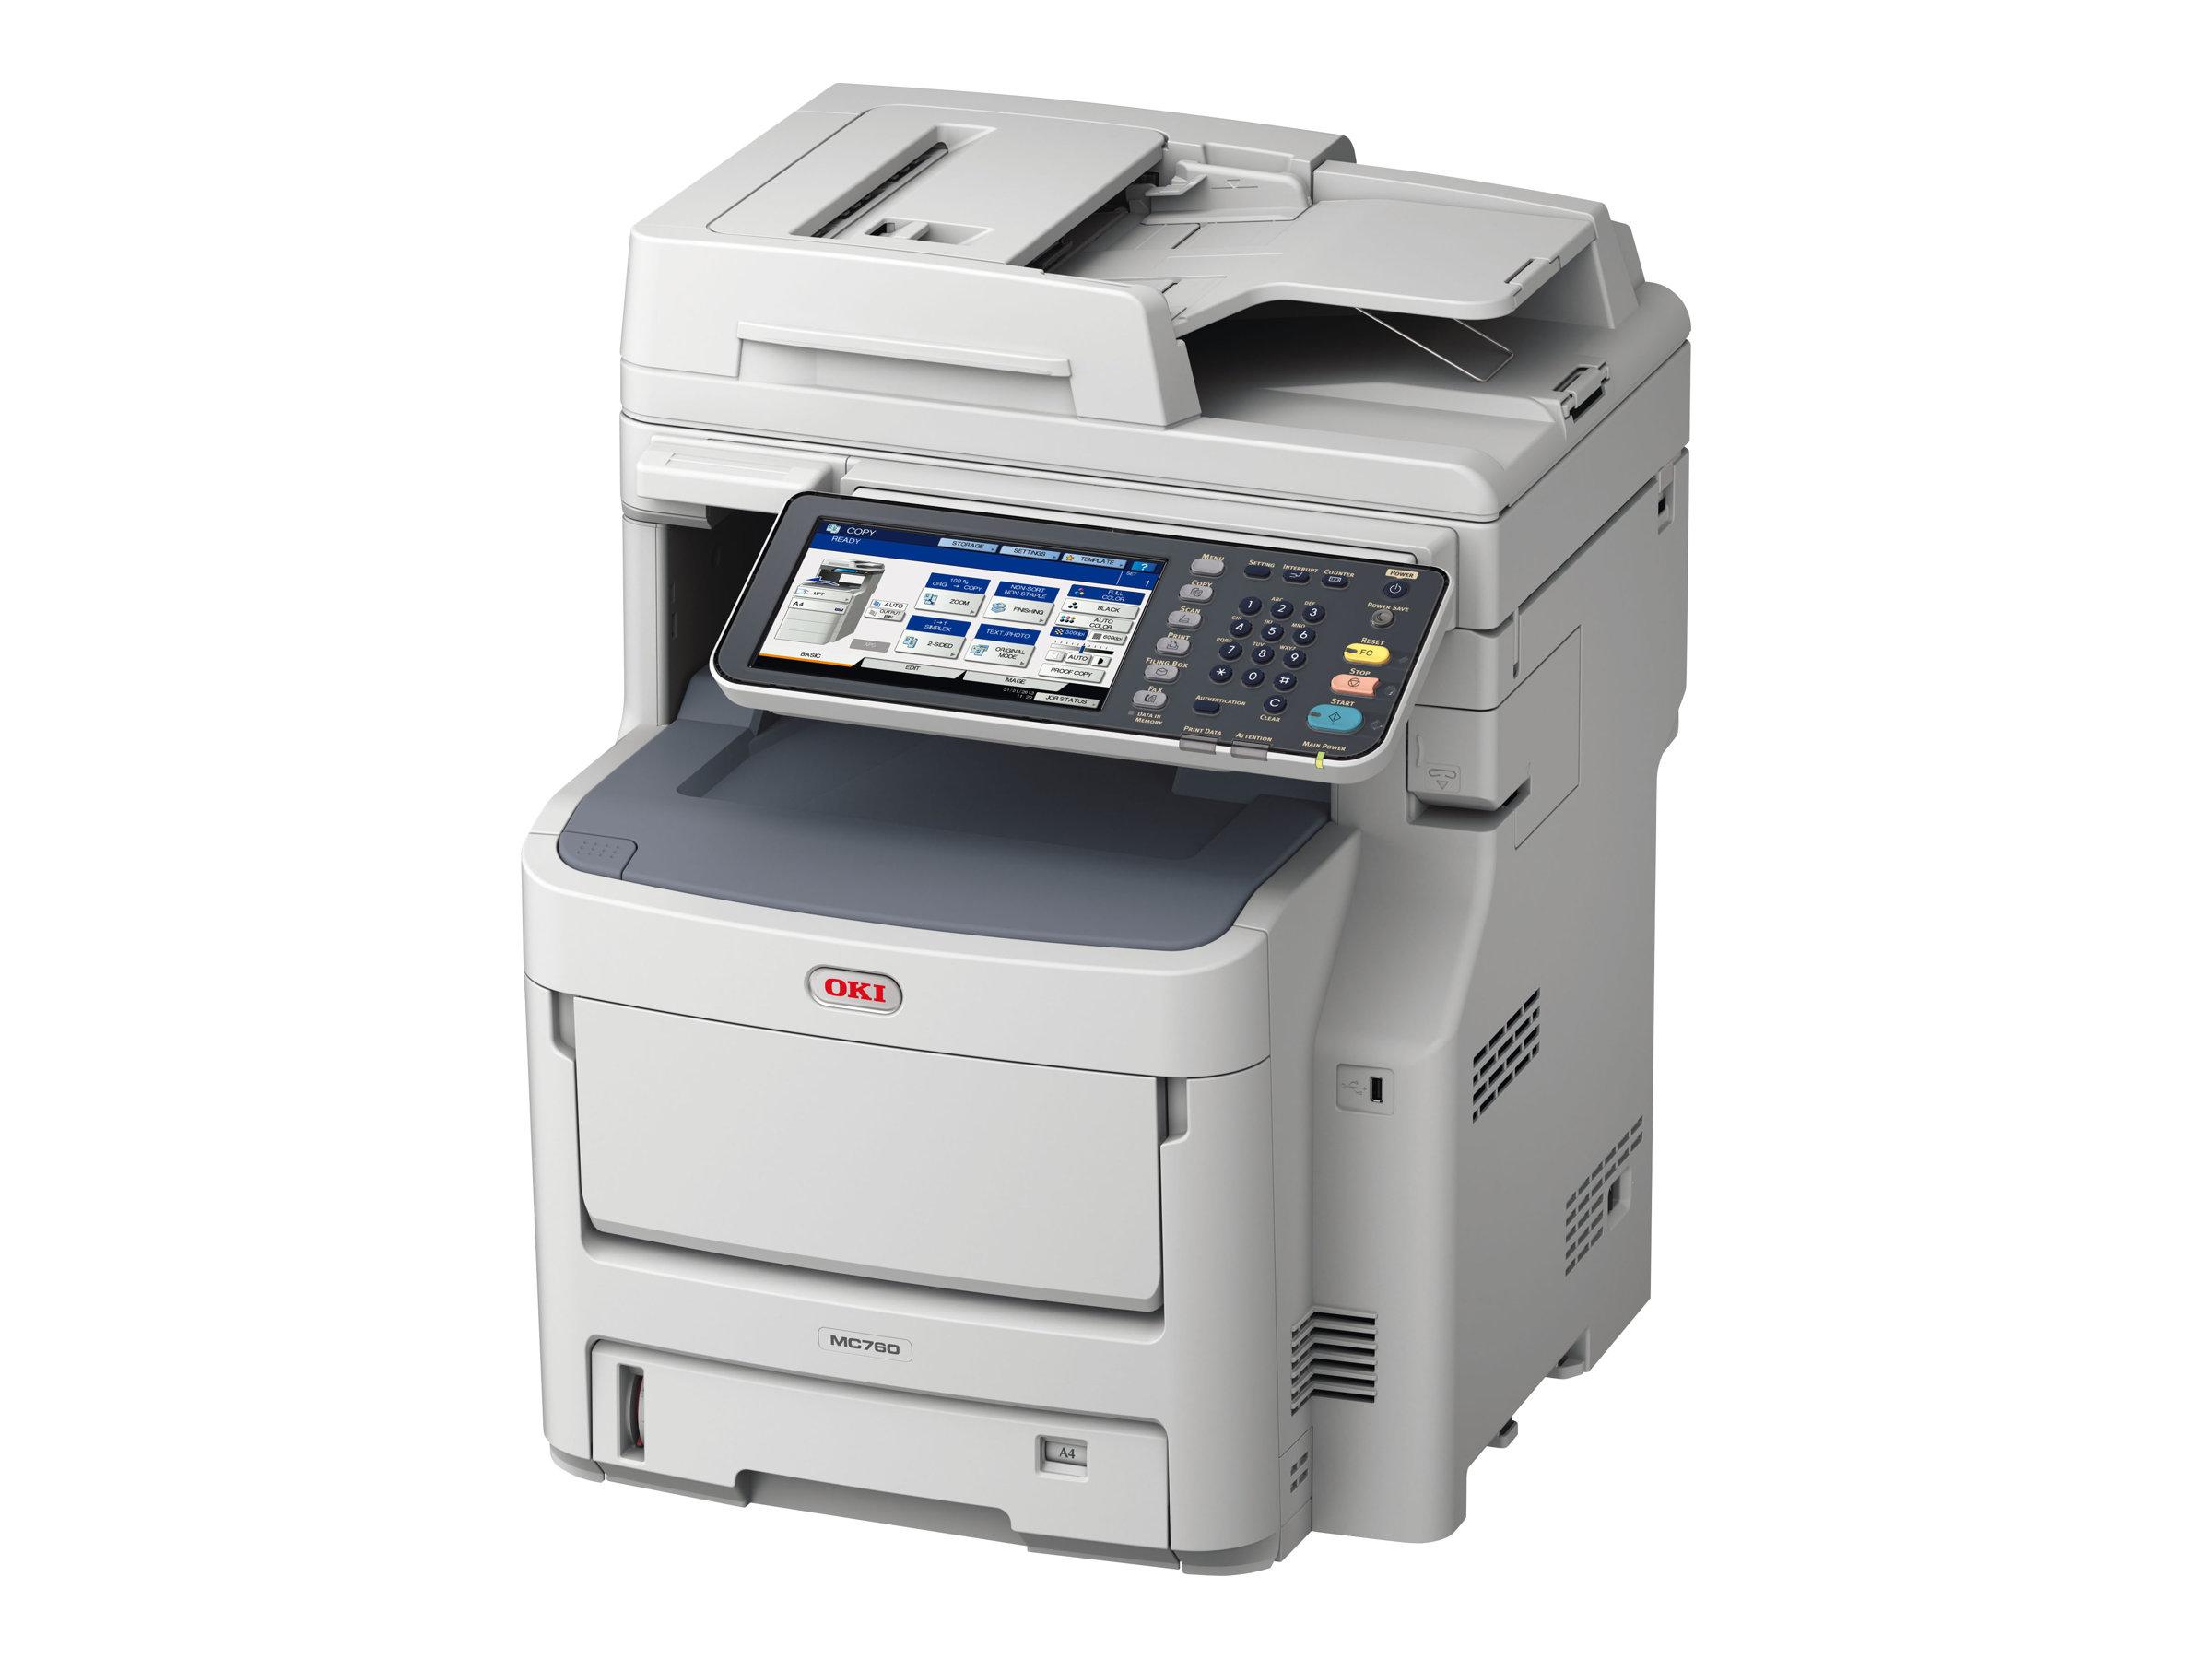 OKI MC760dnfax - Multifunktionsdrucker - Farbe - LED - A4 (210 x 297 mm)